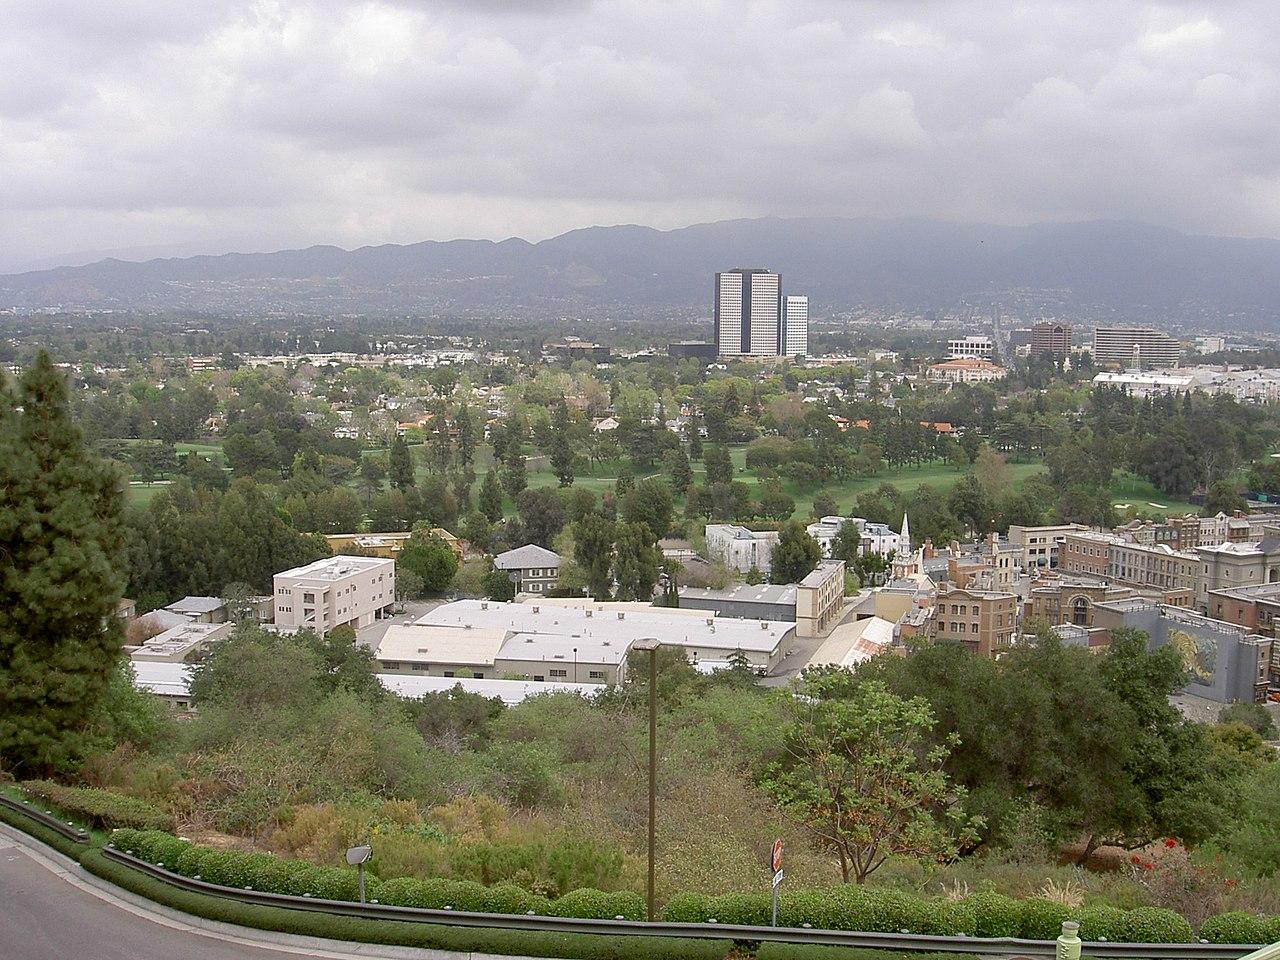 Знаменитый Universal City, отделённый от Голливуда перевалом Кахуэнга